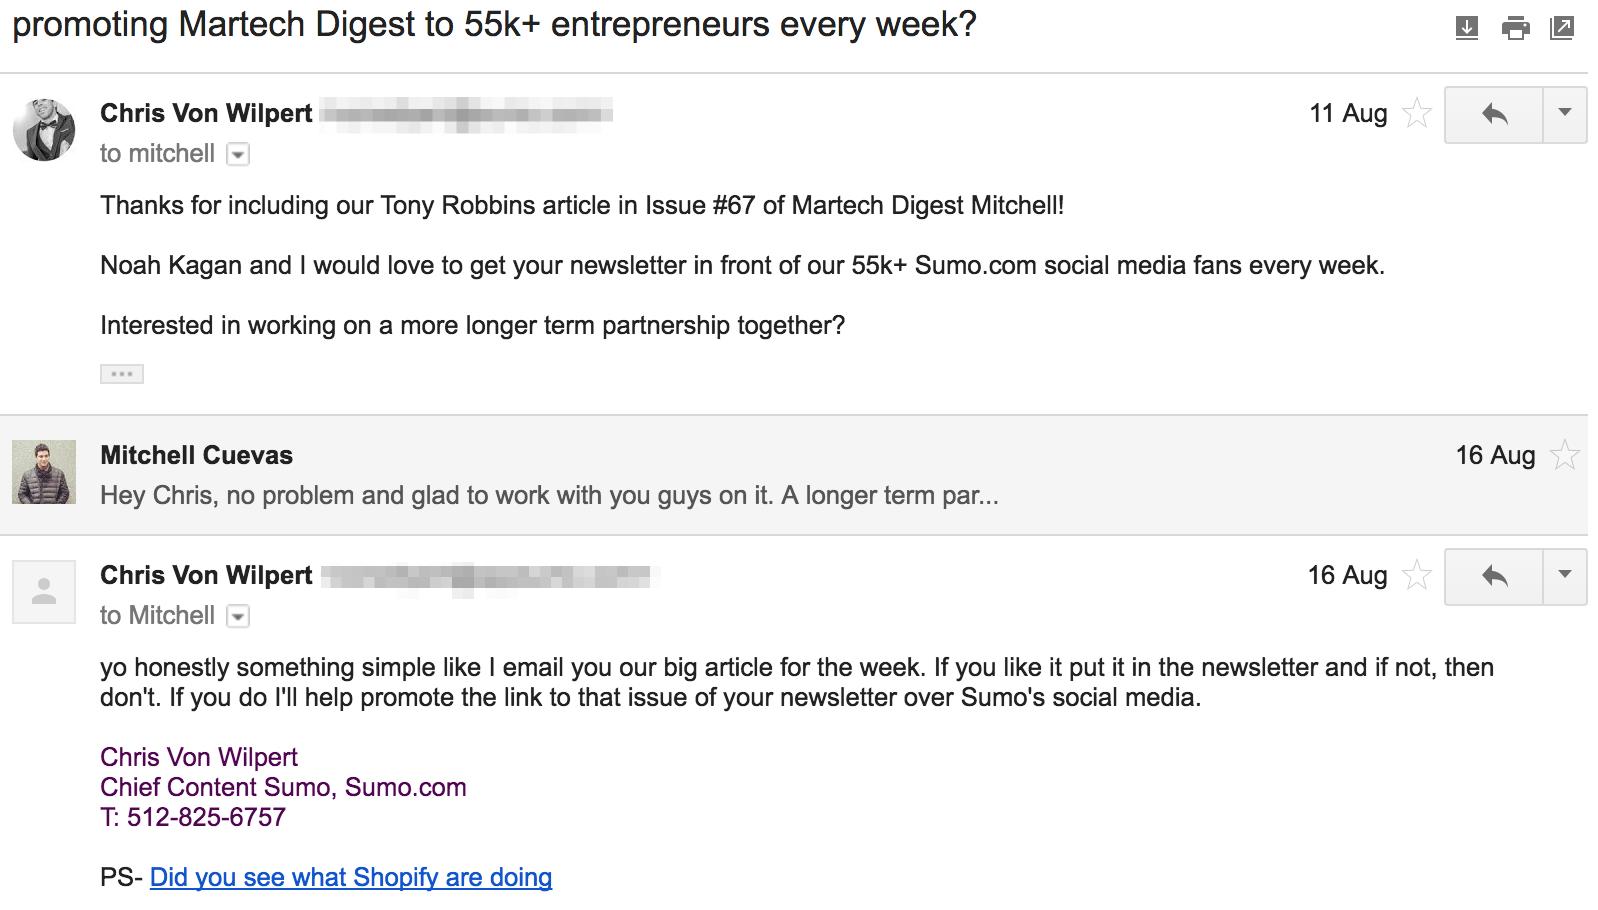 Screenshot showing an email conversation